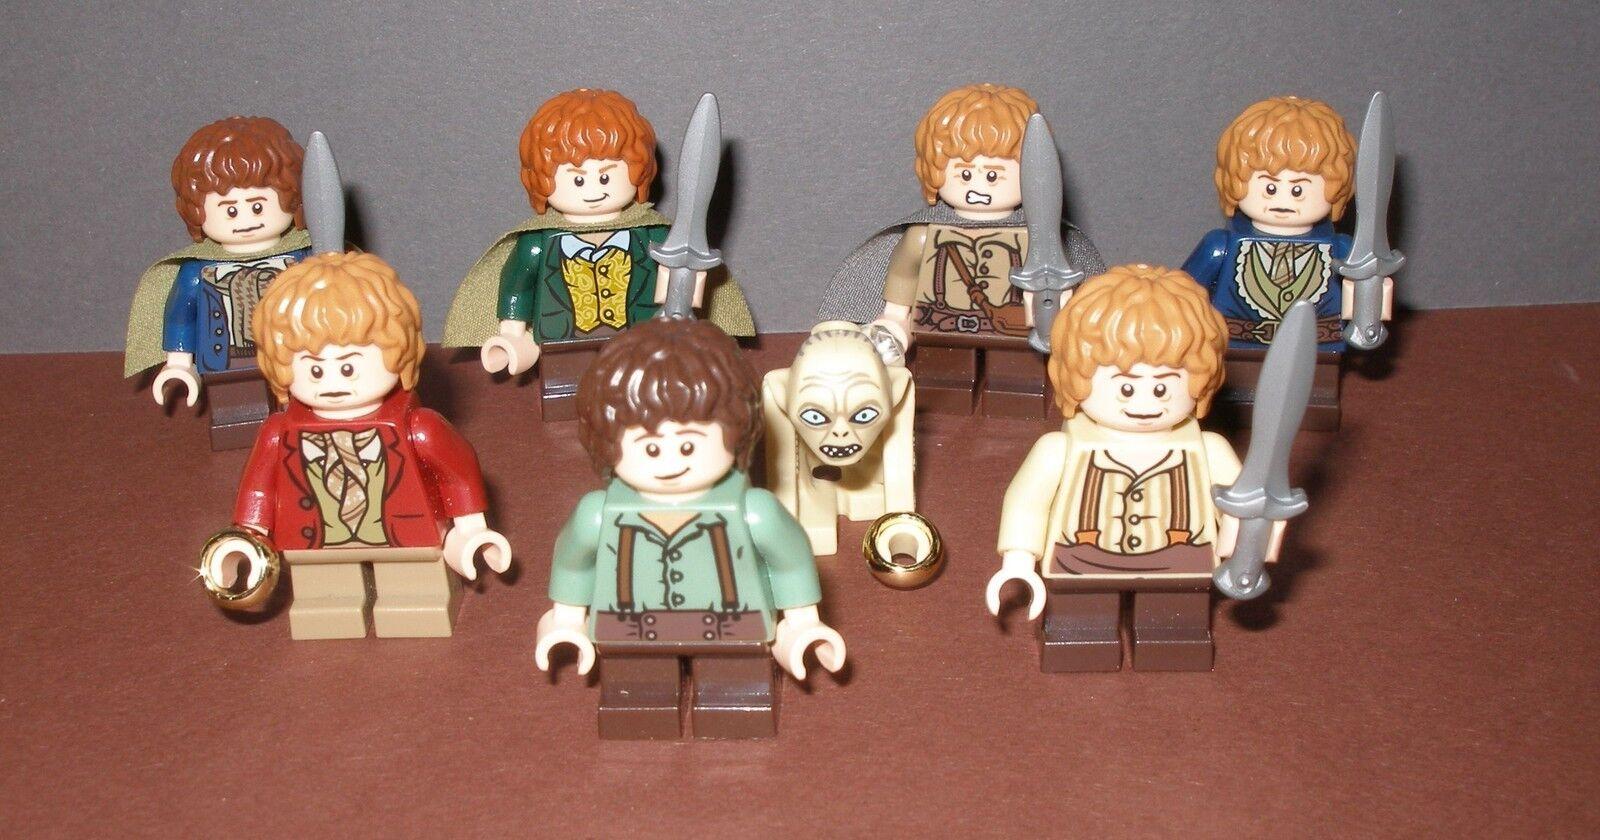 Lego Herr der Ringe   Der Hobbit  Auswahl Minifiguren   Hobbits  auch Gollum etc